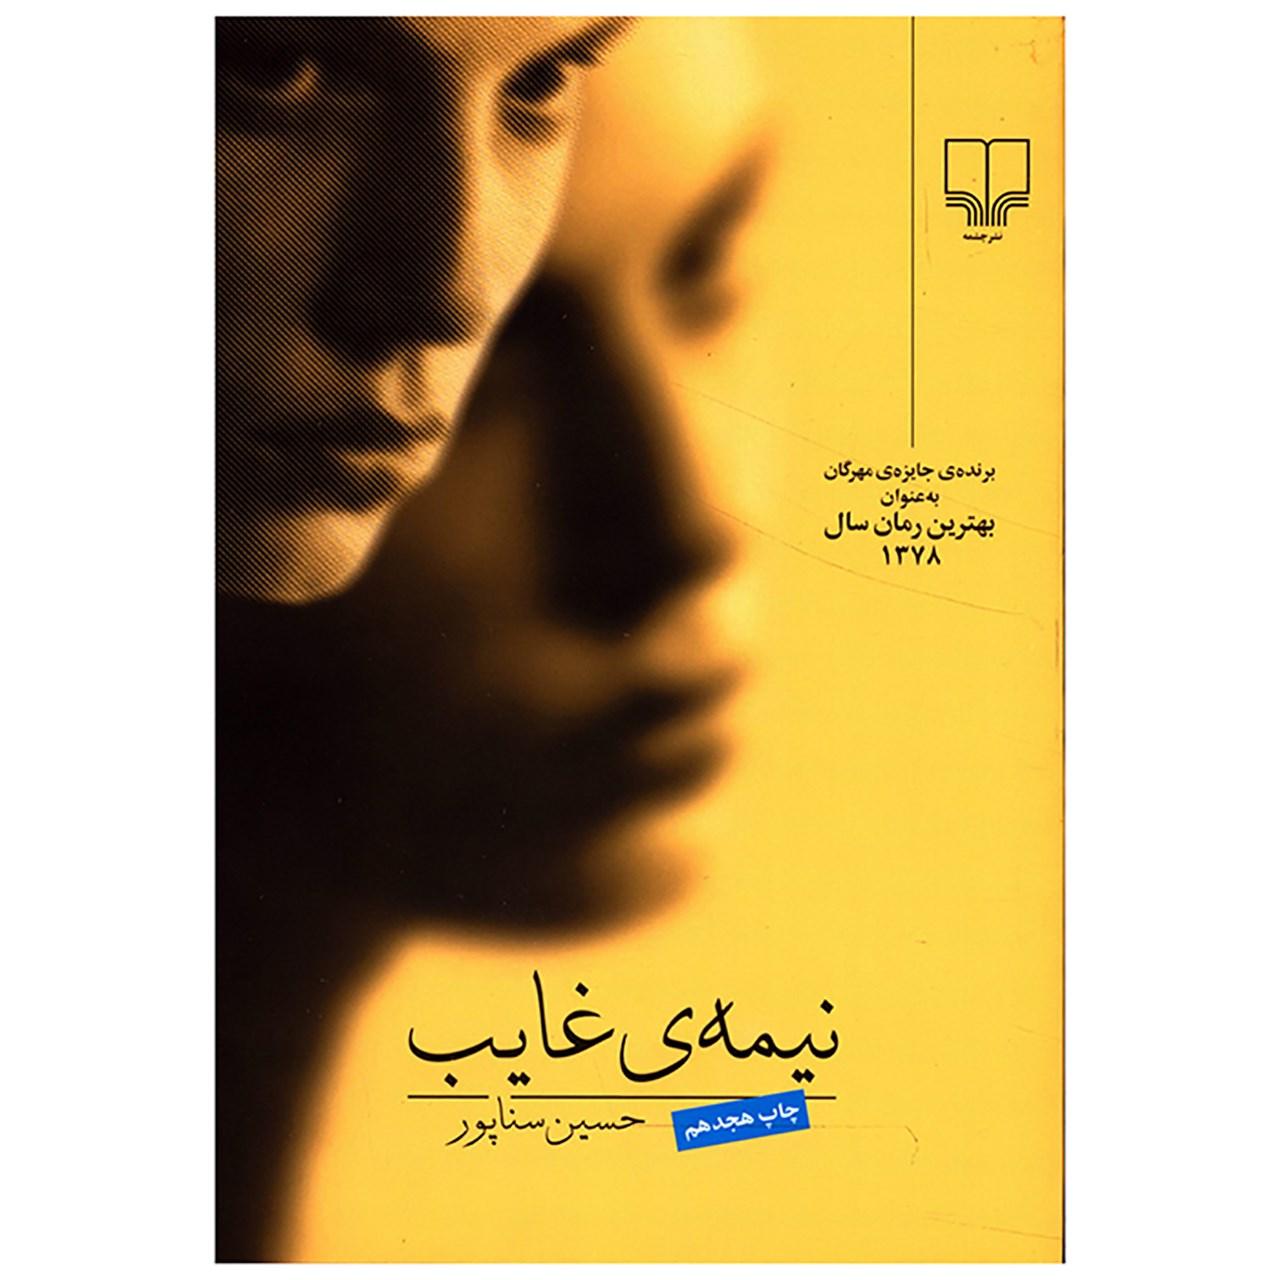 کتاب نیمه غایب اثر حسین سناپور